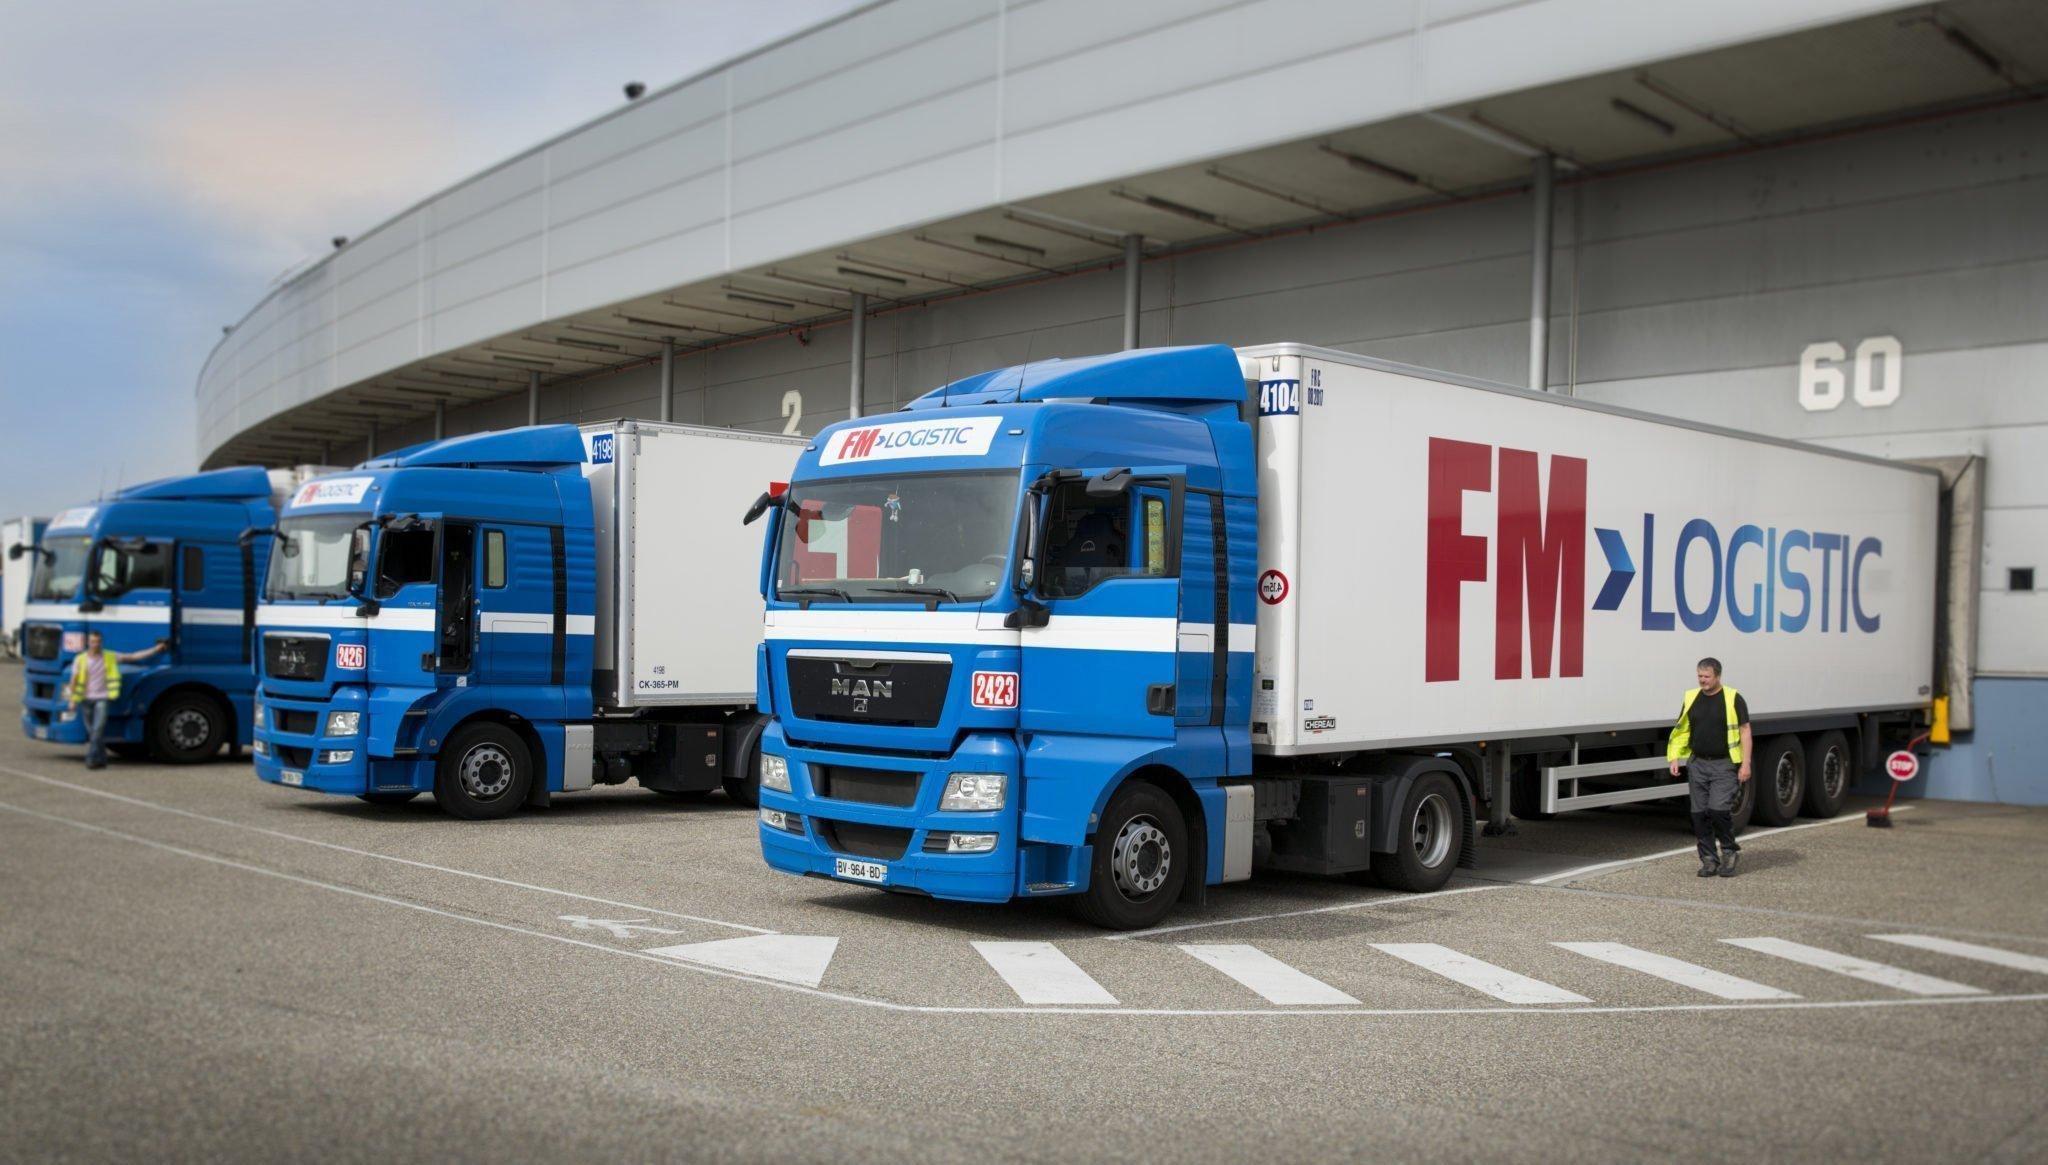 Международный транспортно-логистический оператор FM Logistic отчитался о росте бизнеса в России